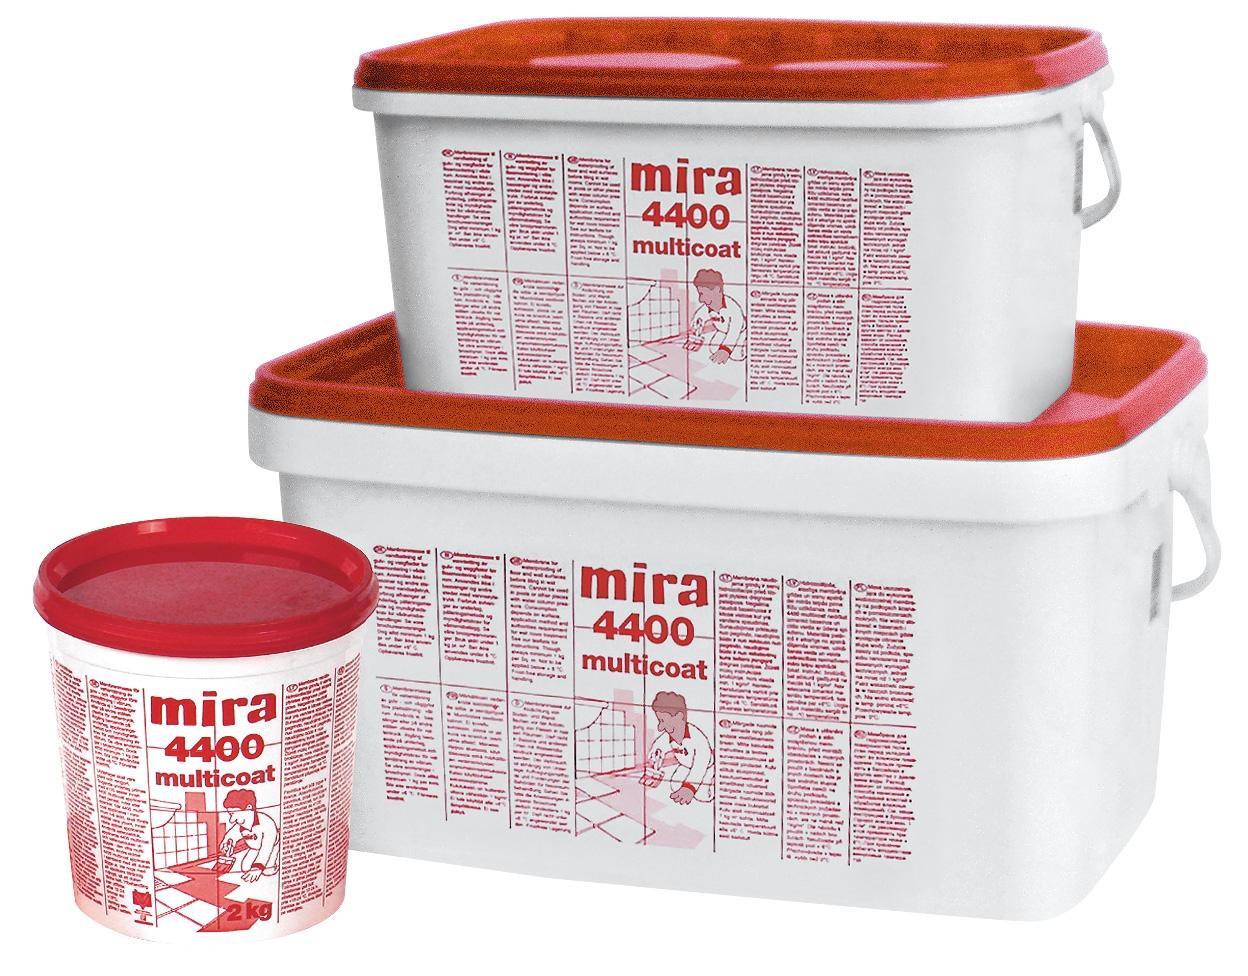 MIRA 4400 MULTICOAT 15 kg